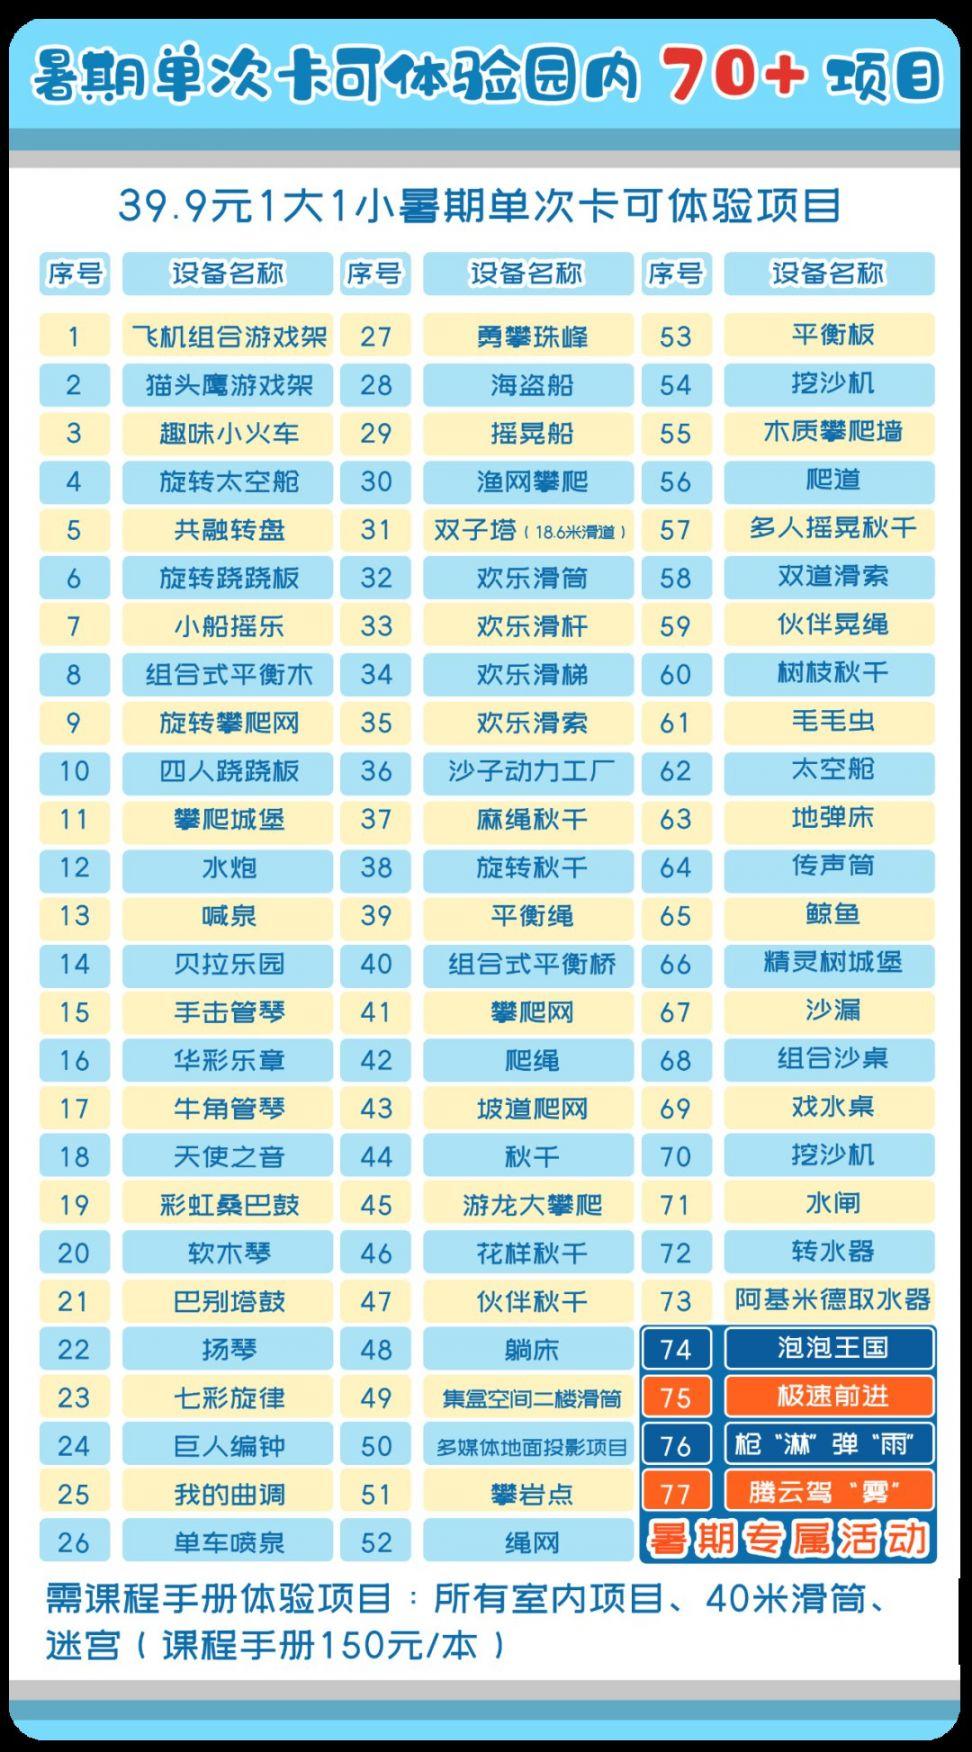 2020长沙贝拉小镇暑假活动指南(门票 活动 交通指南)